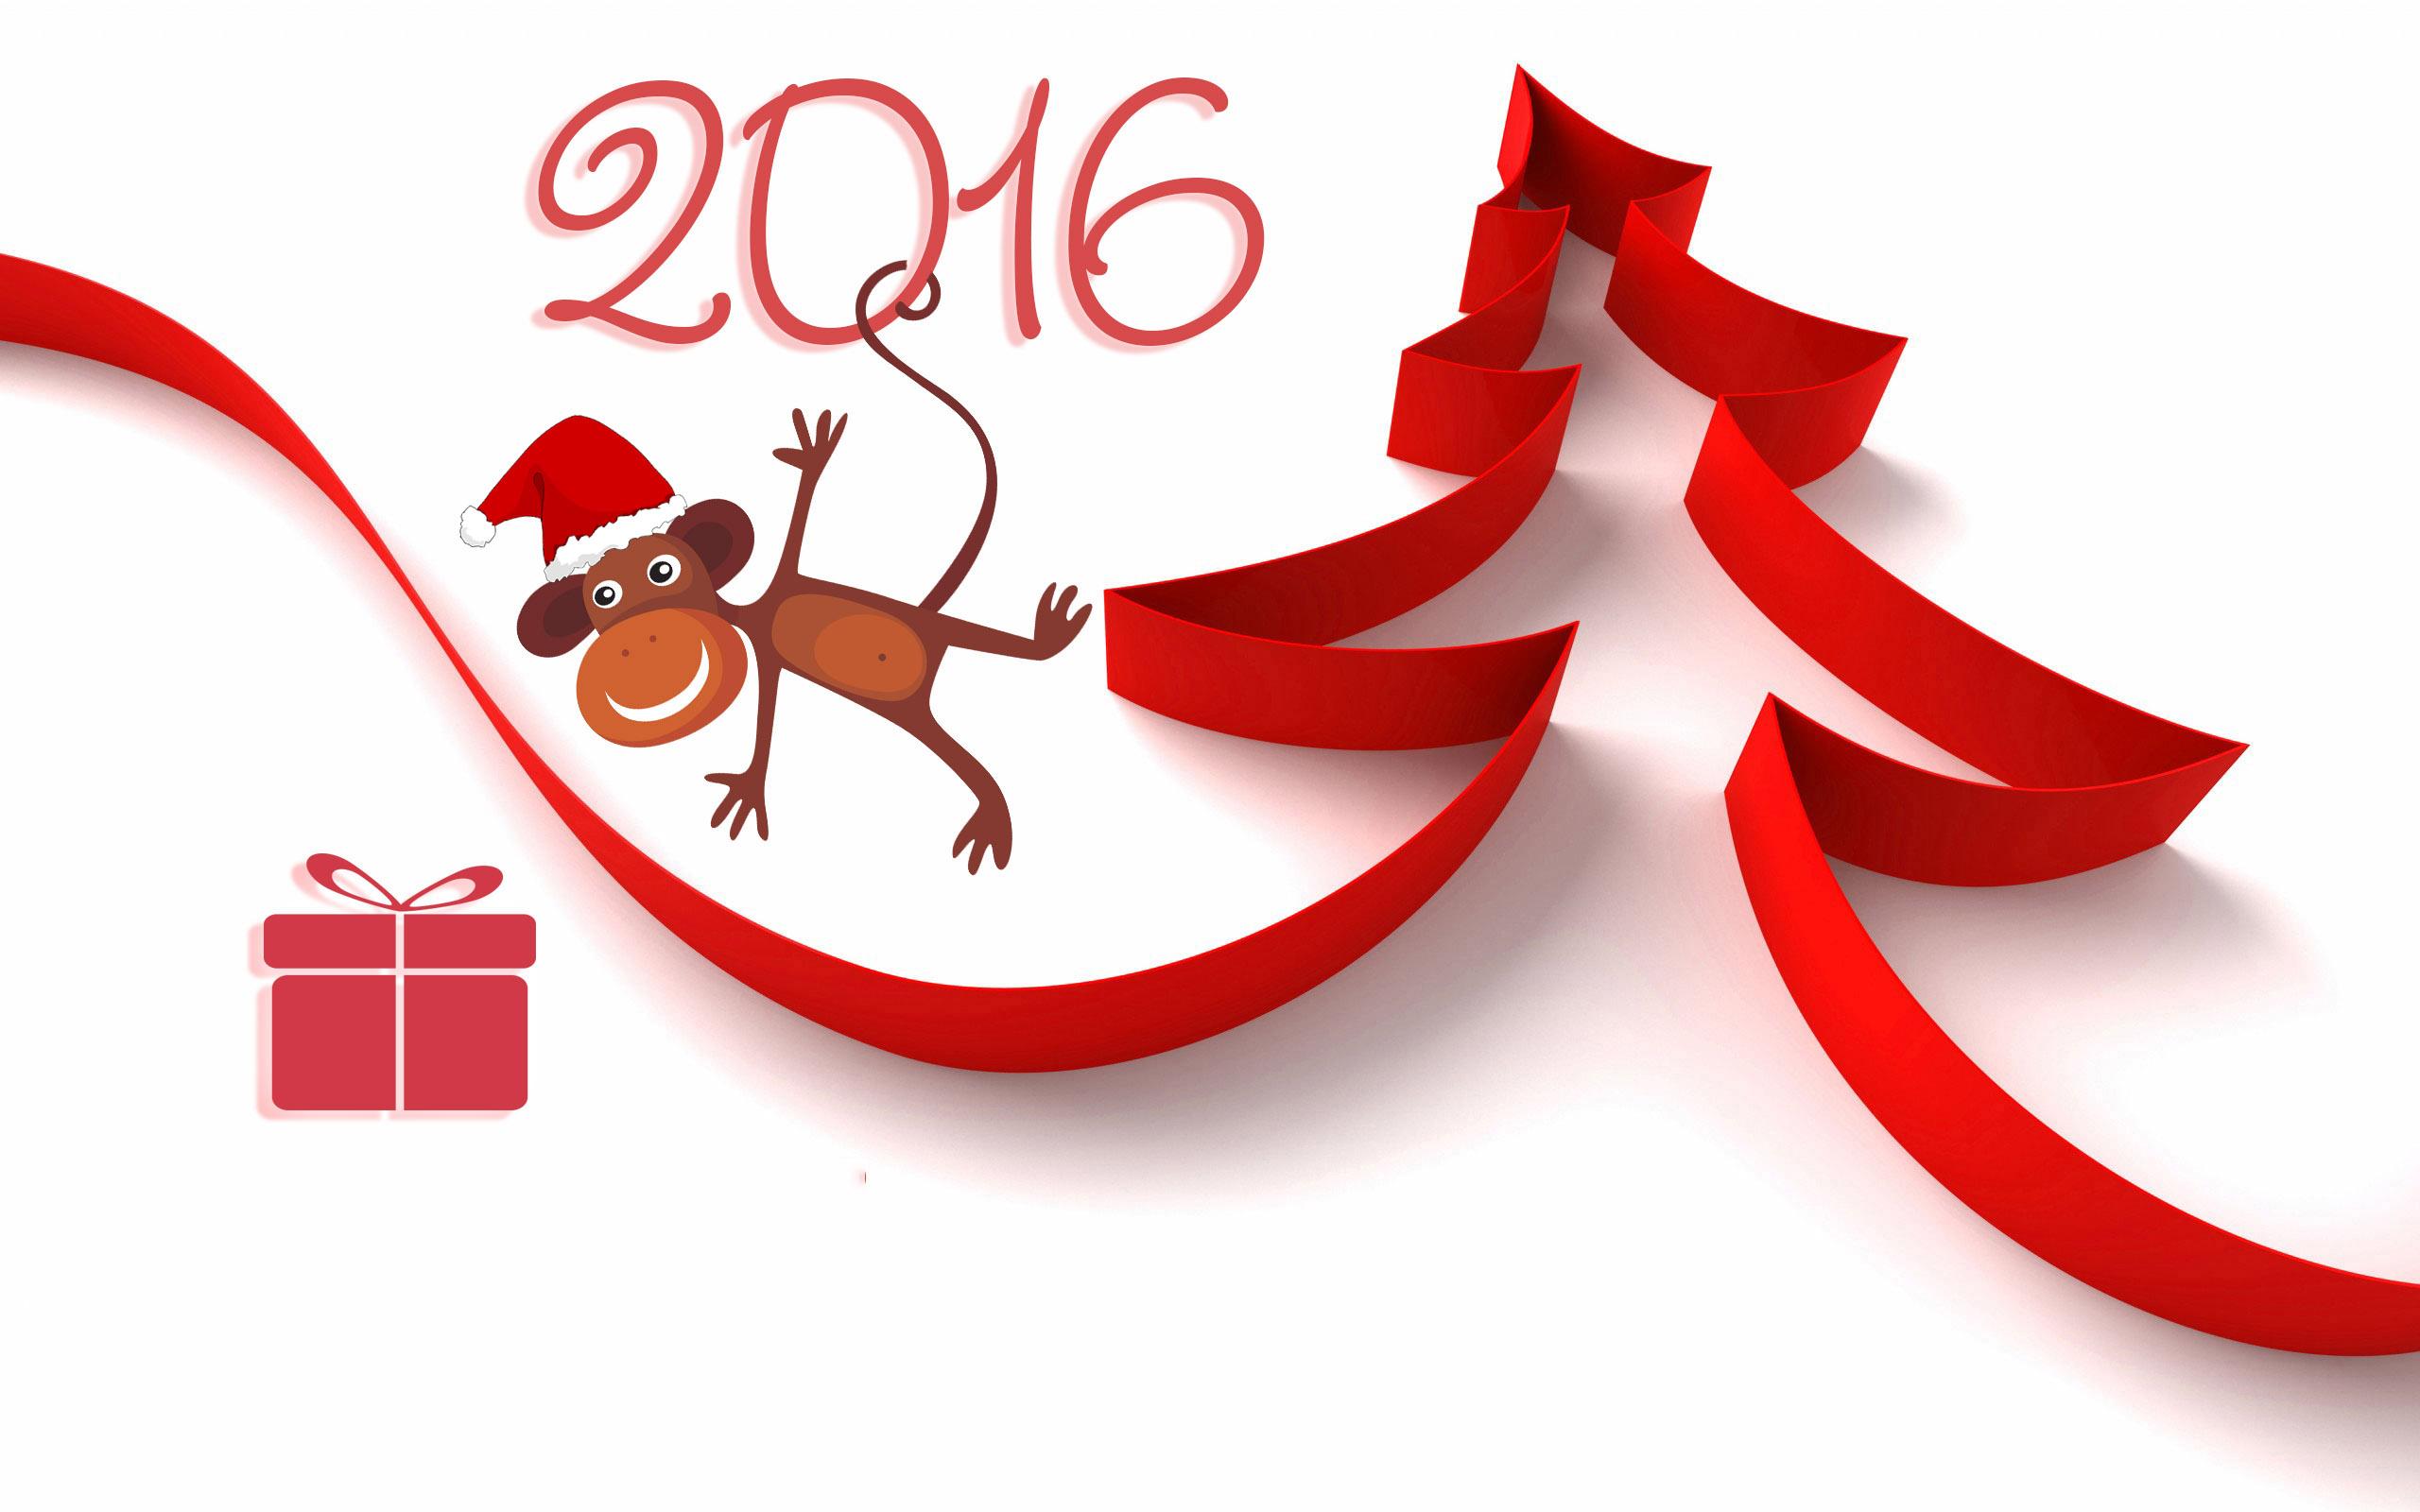 2016 год новый год картинки